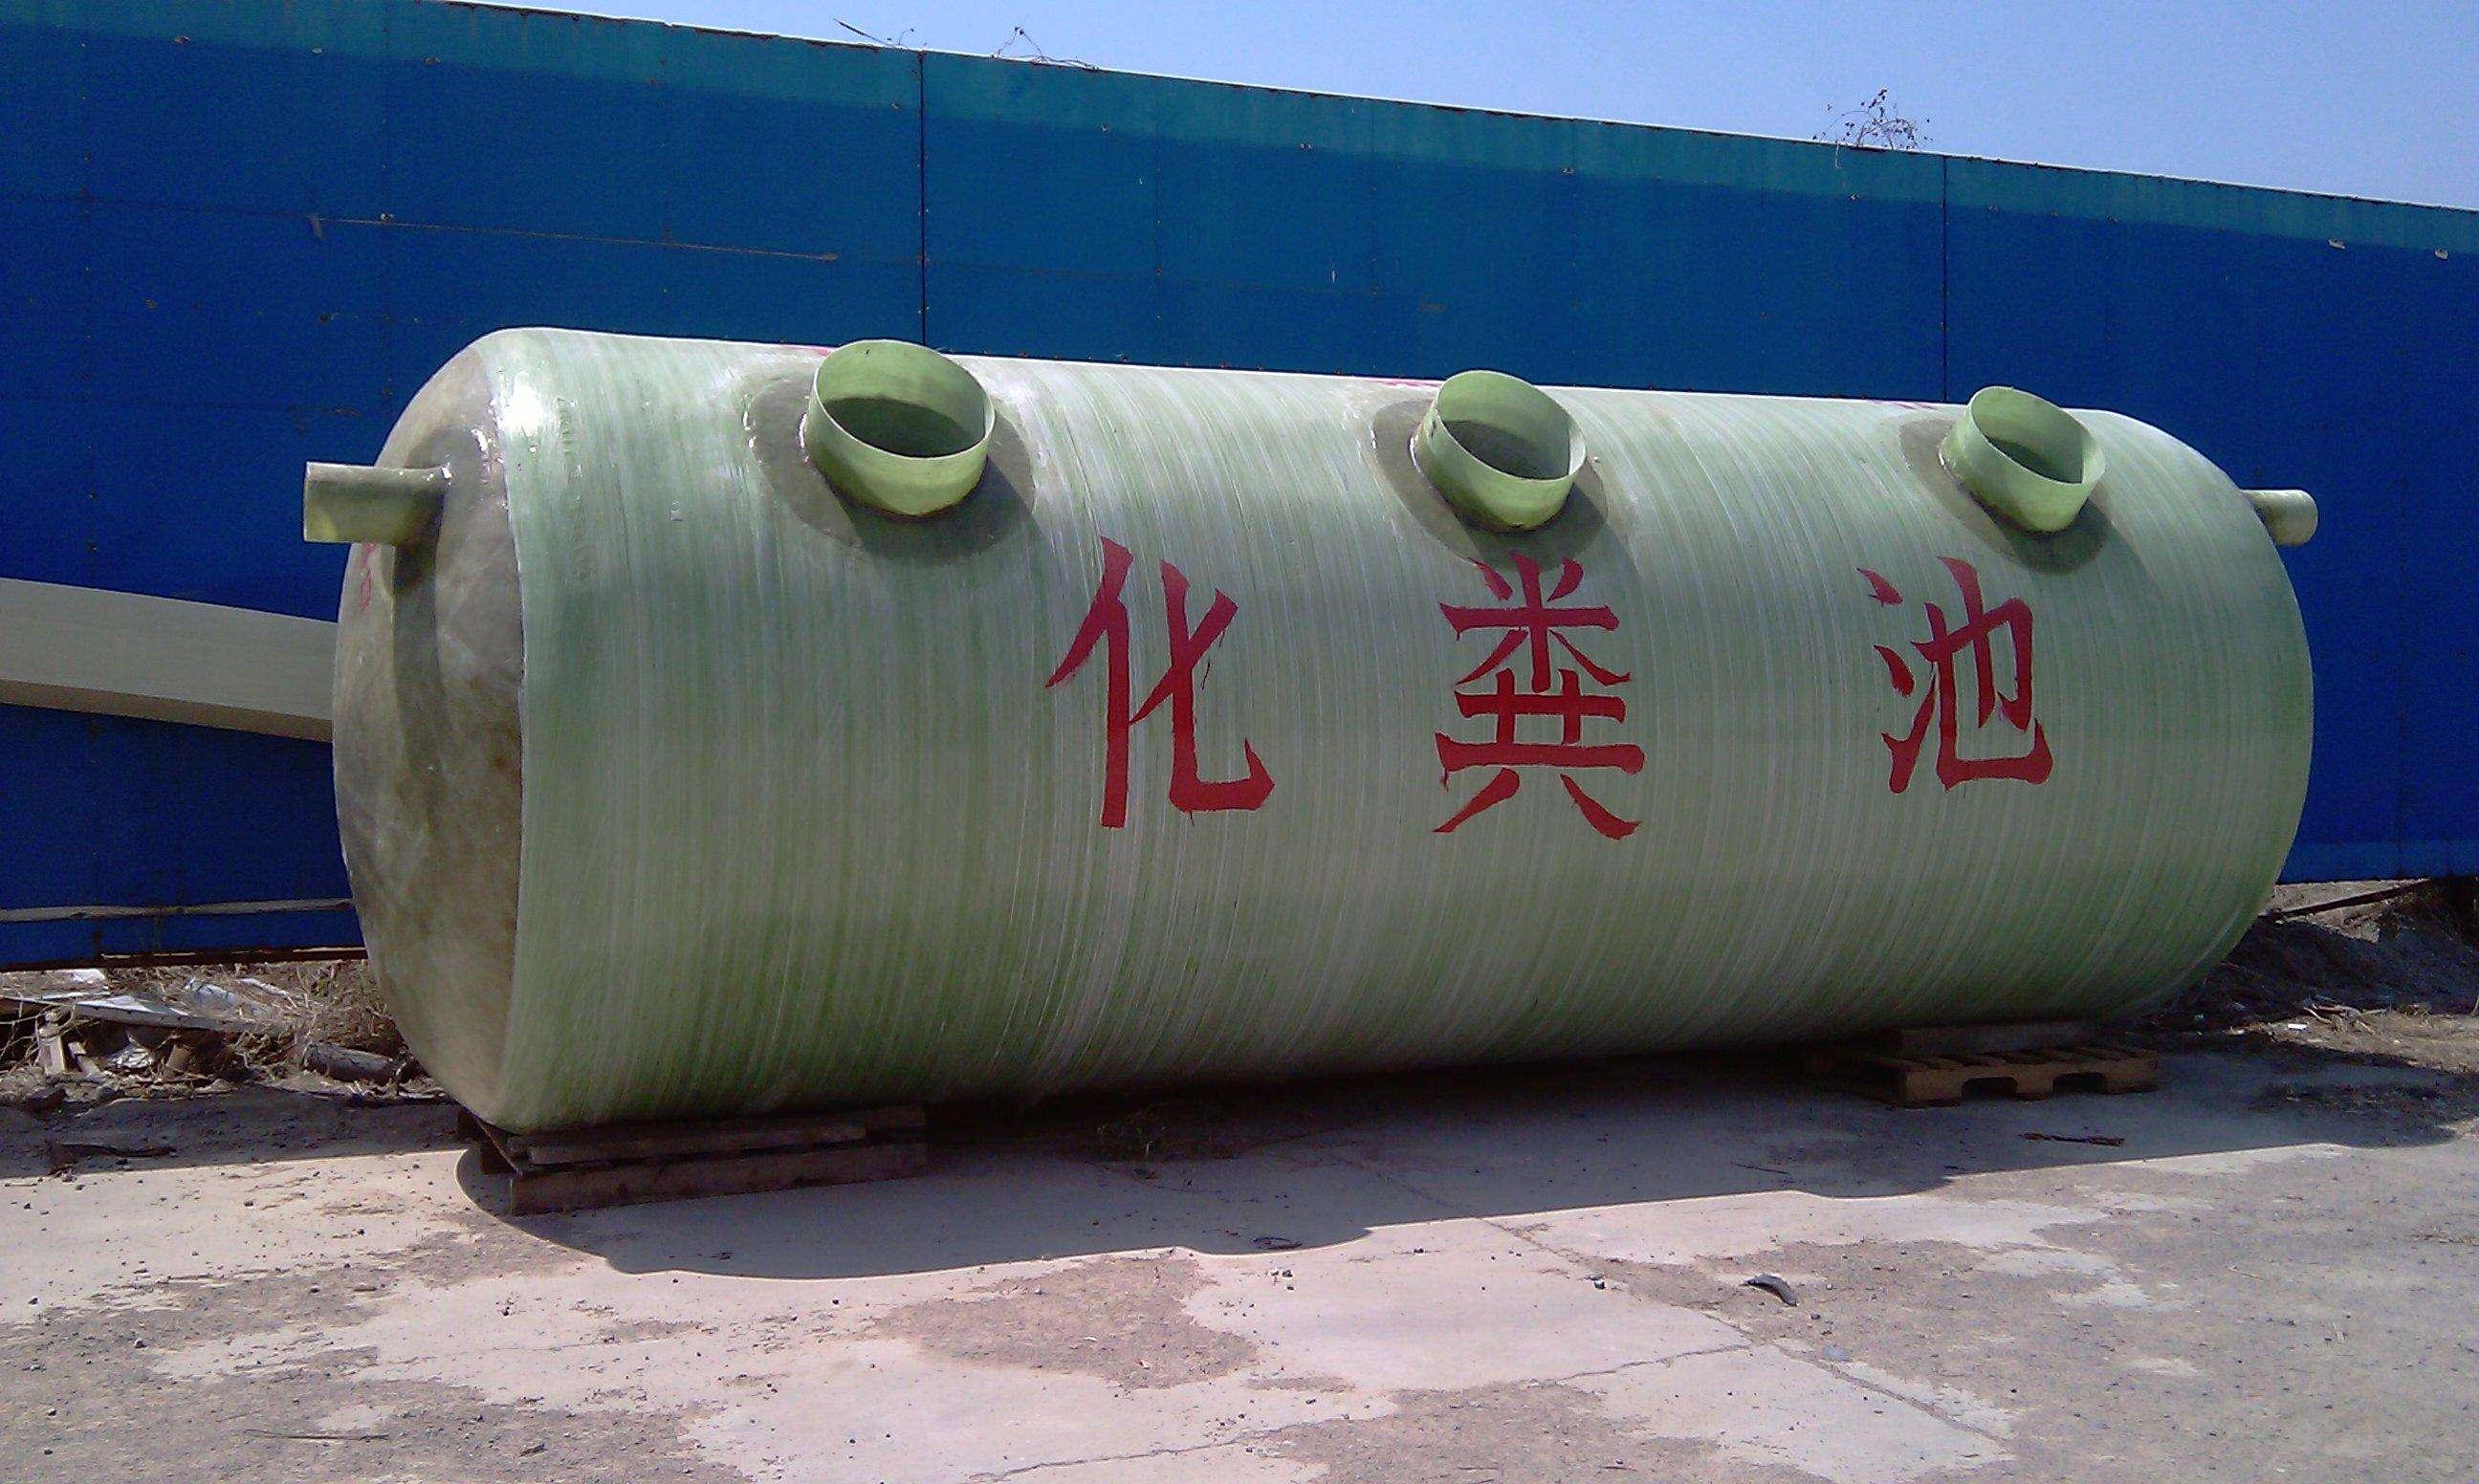 云南昆明化粪池厂家电话 值得信赖 昆明元森商贸供应